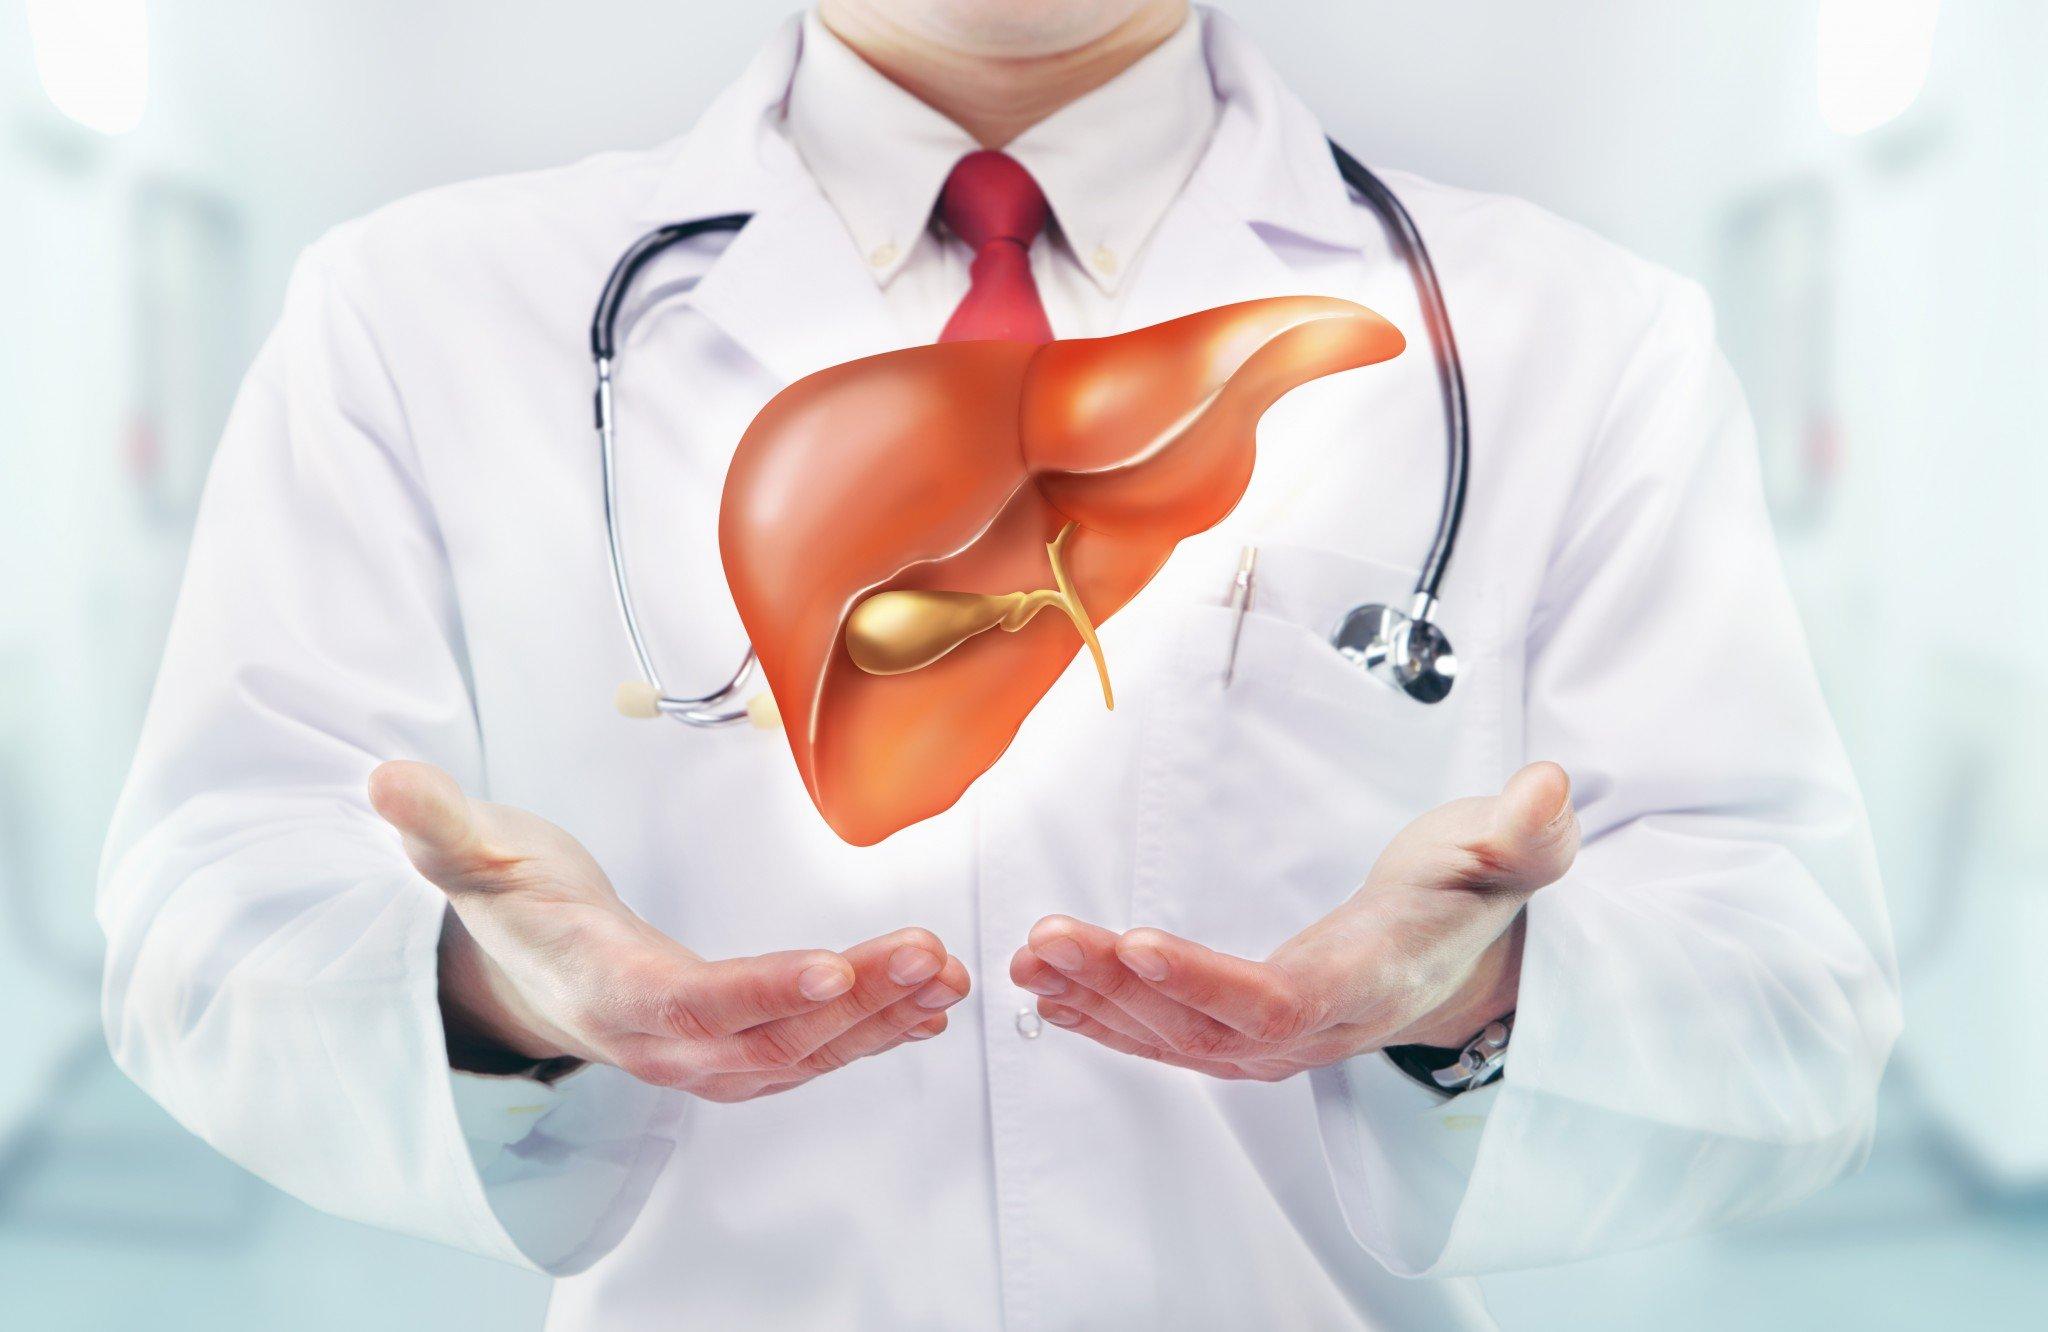 Абсцесс печени: причины, симптомы и лечение